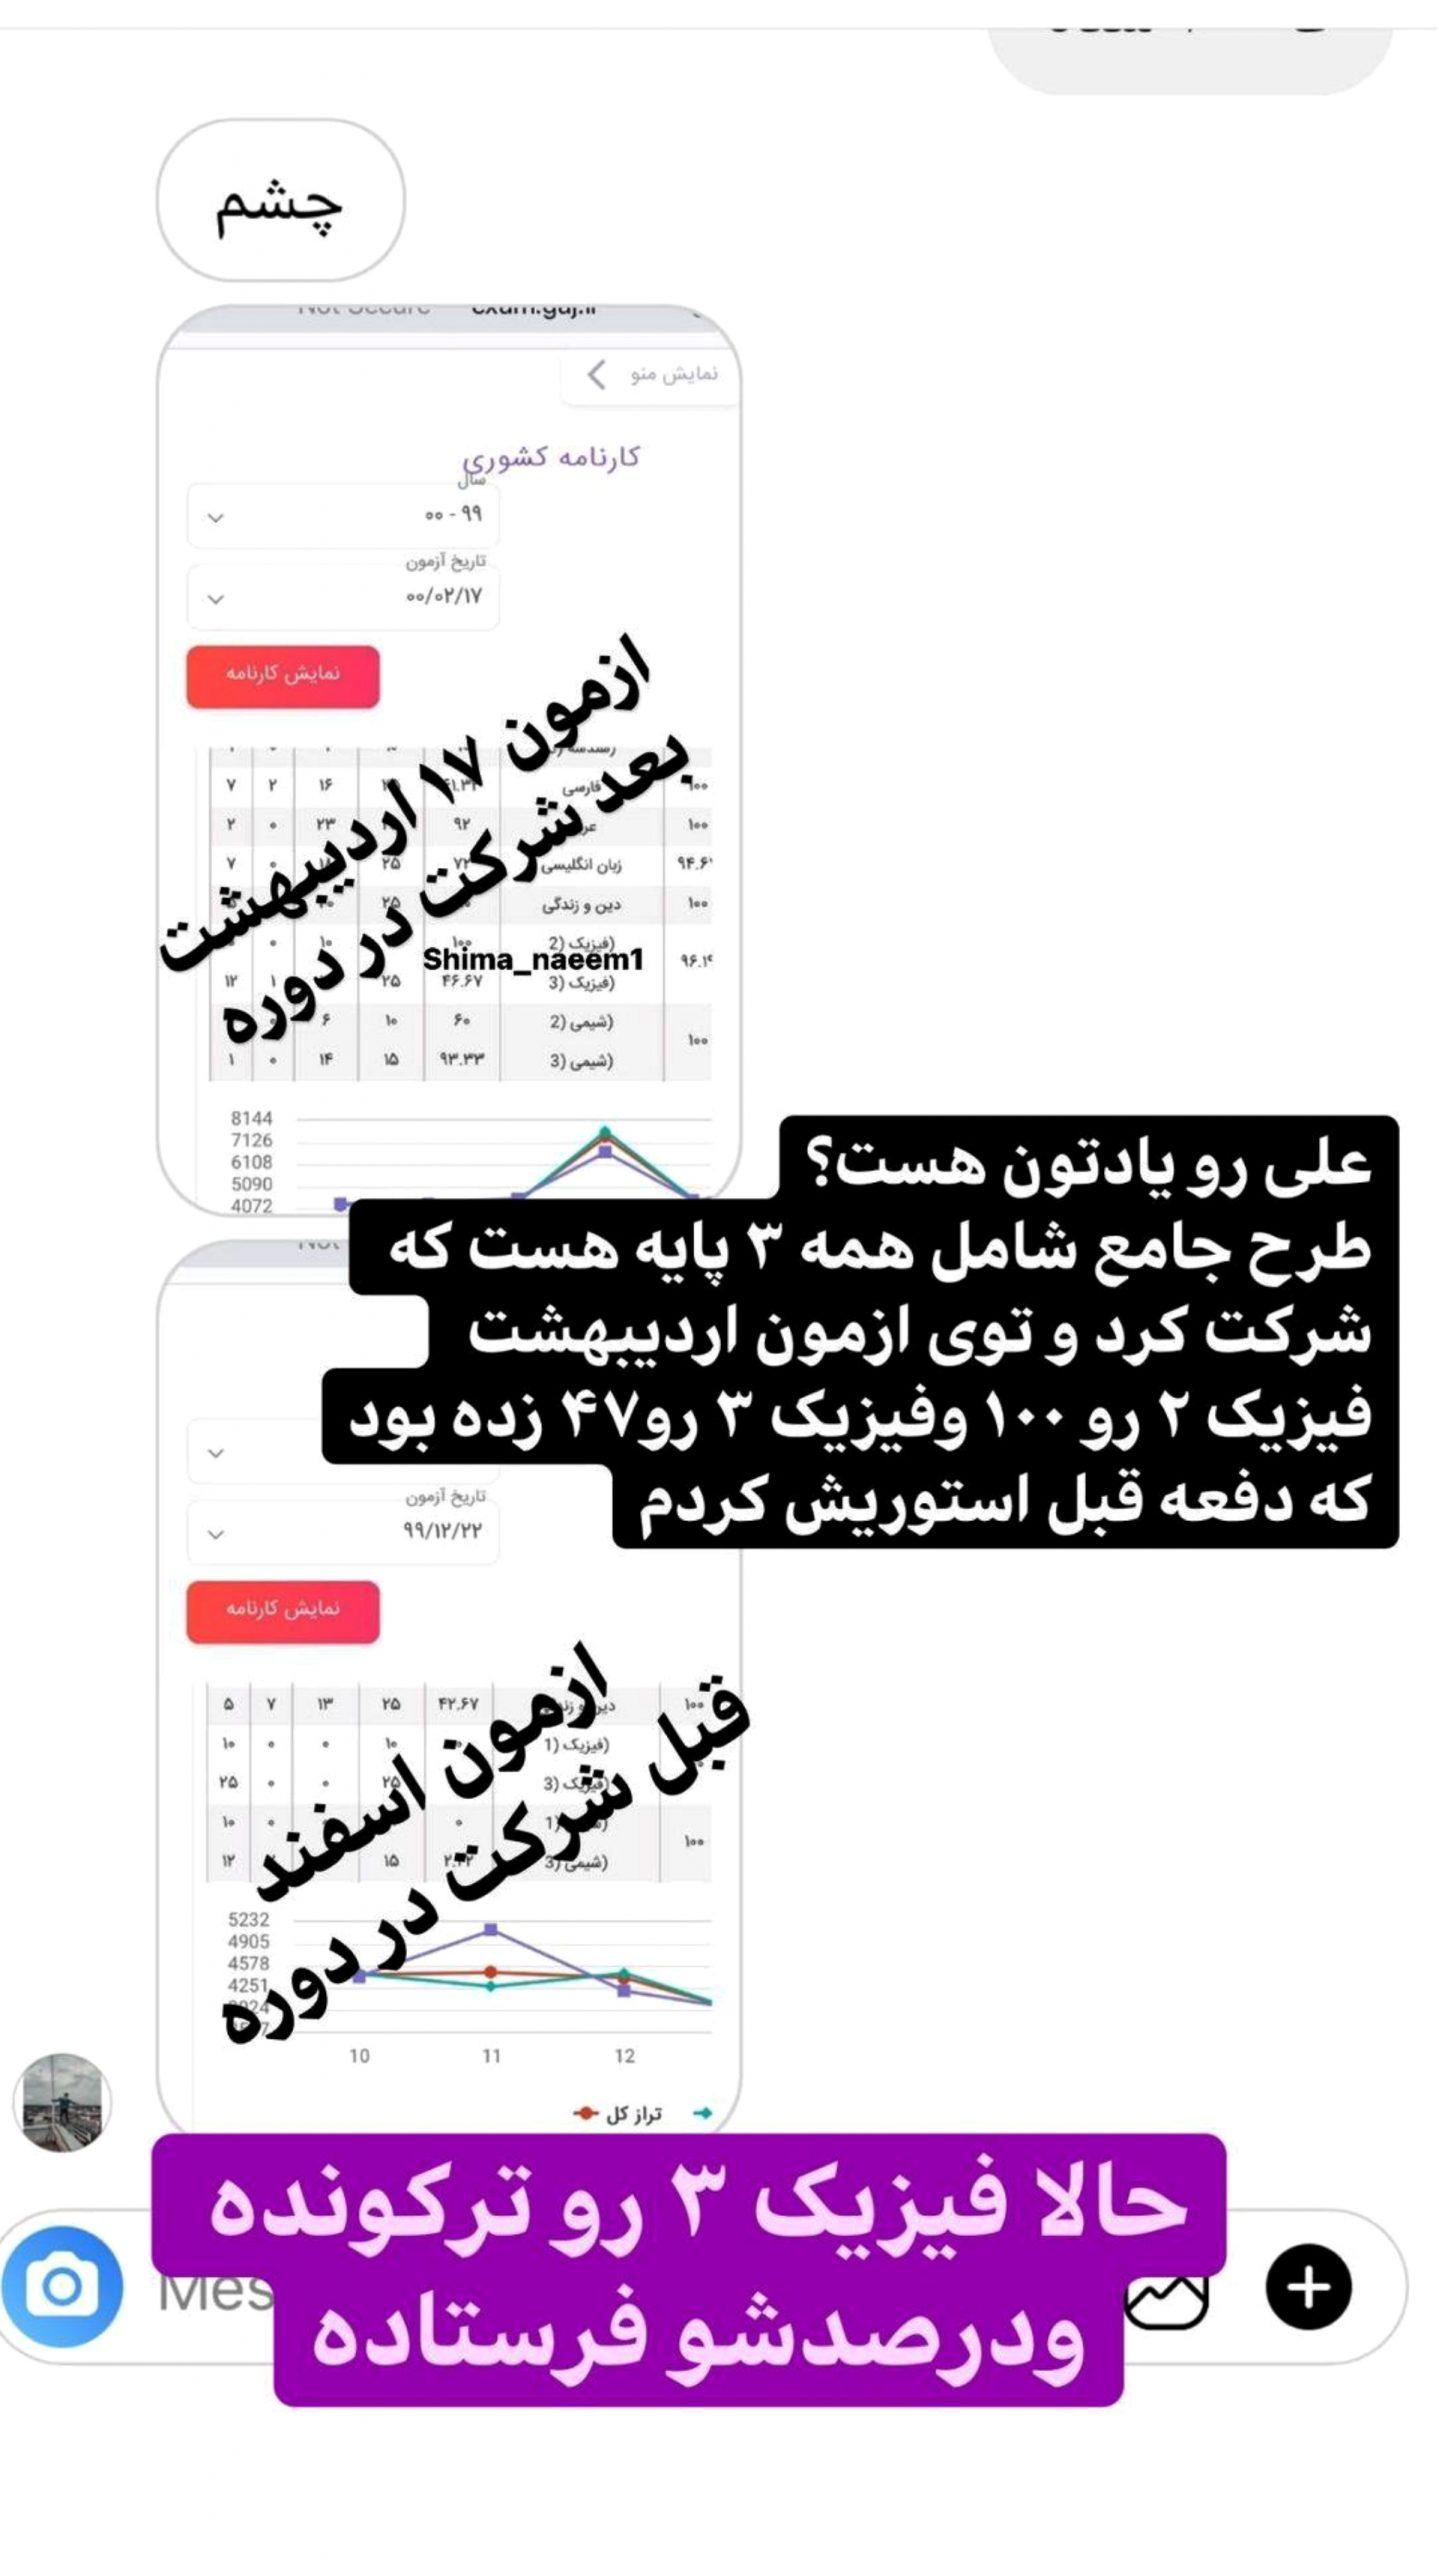 InShot_۲۰۲۱۰۷۱۰_۲۰۲۶۴۷۸۷۶